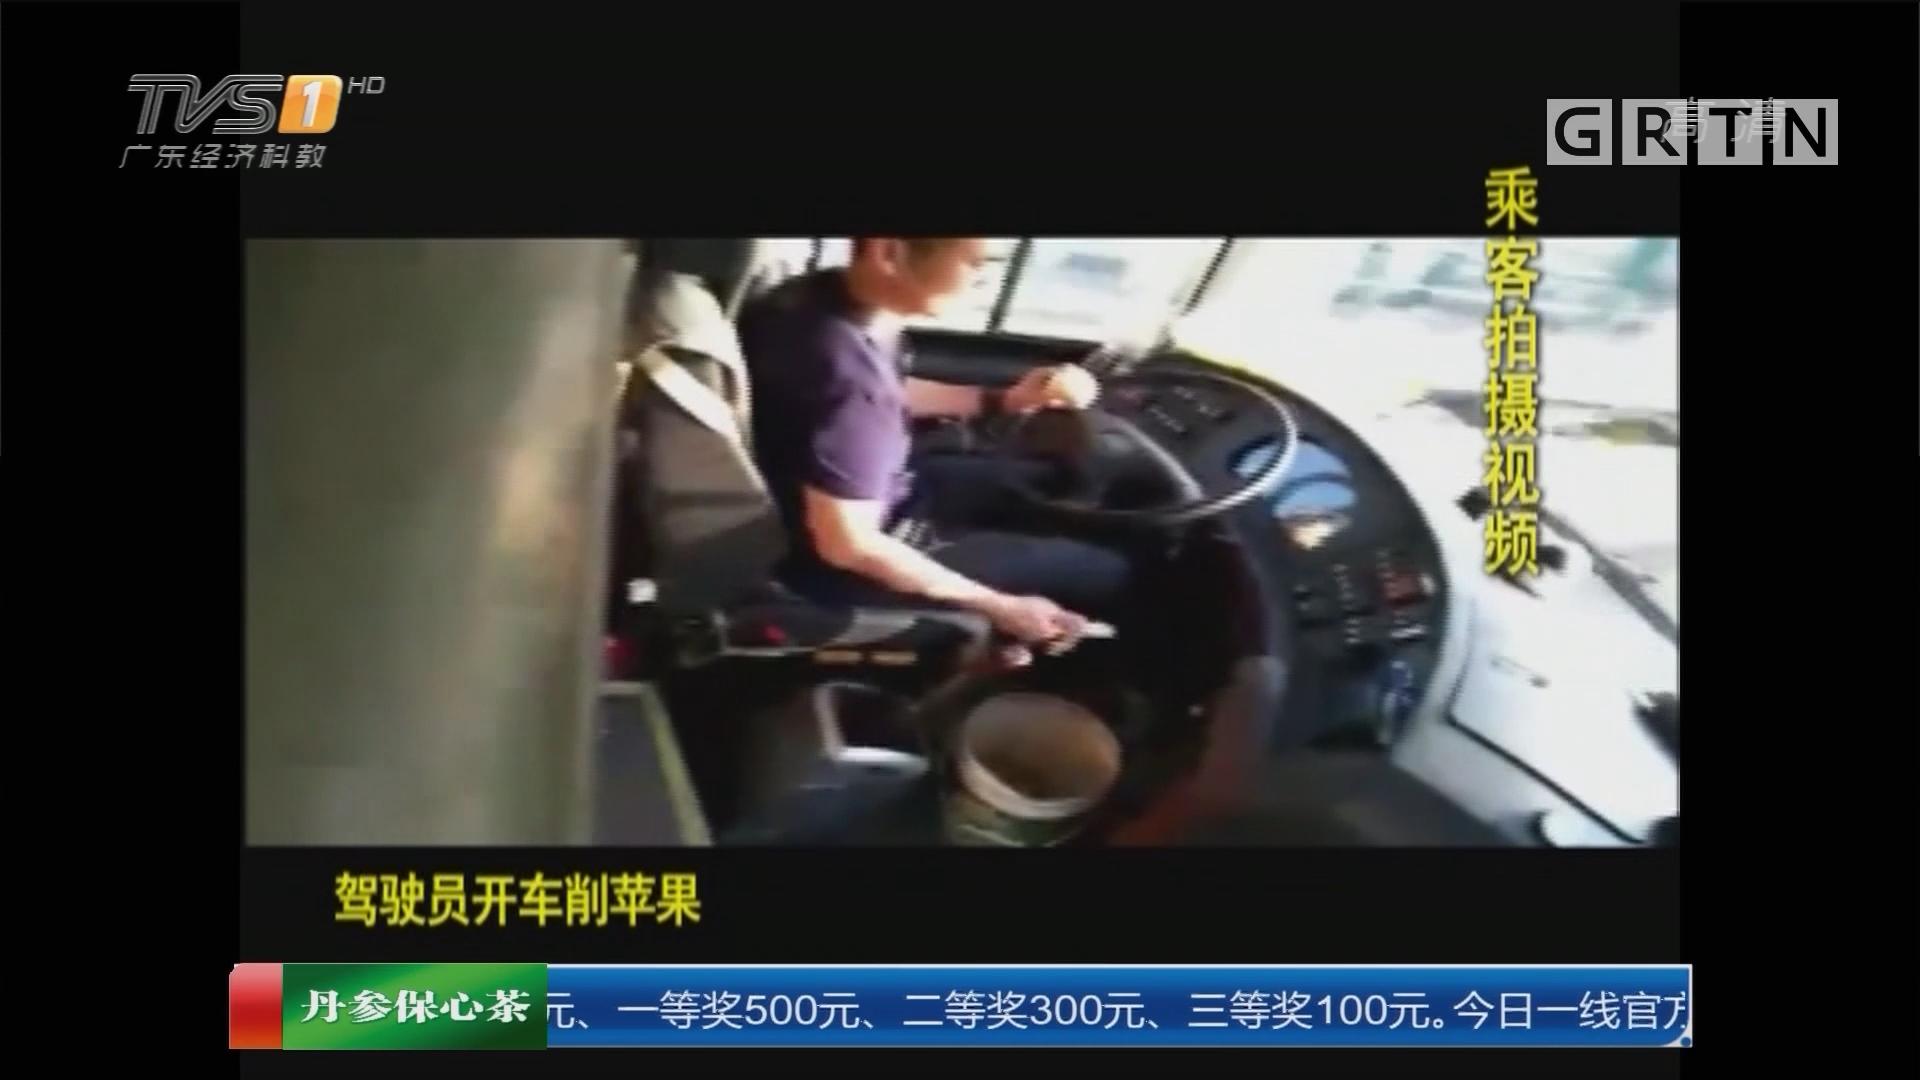 """江苏:视频聊天削苹果 奇葩大巴司机""""下课"""""""